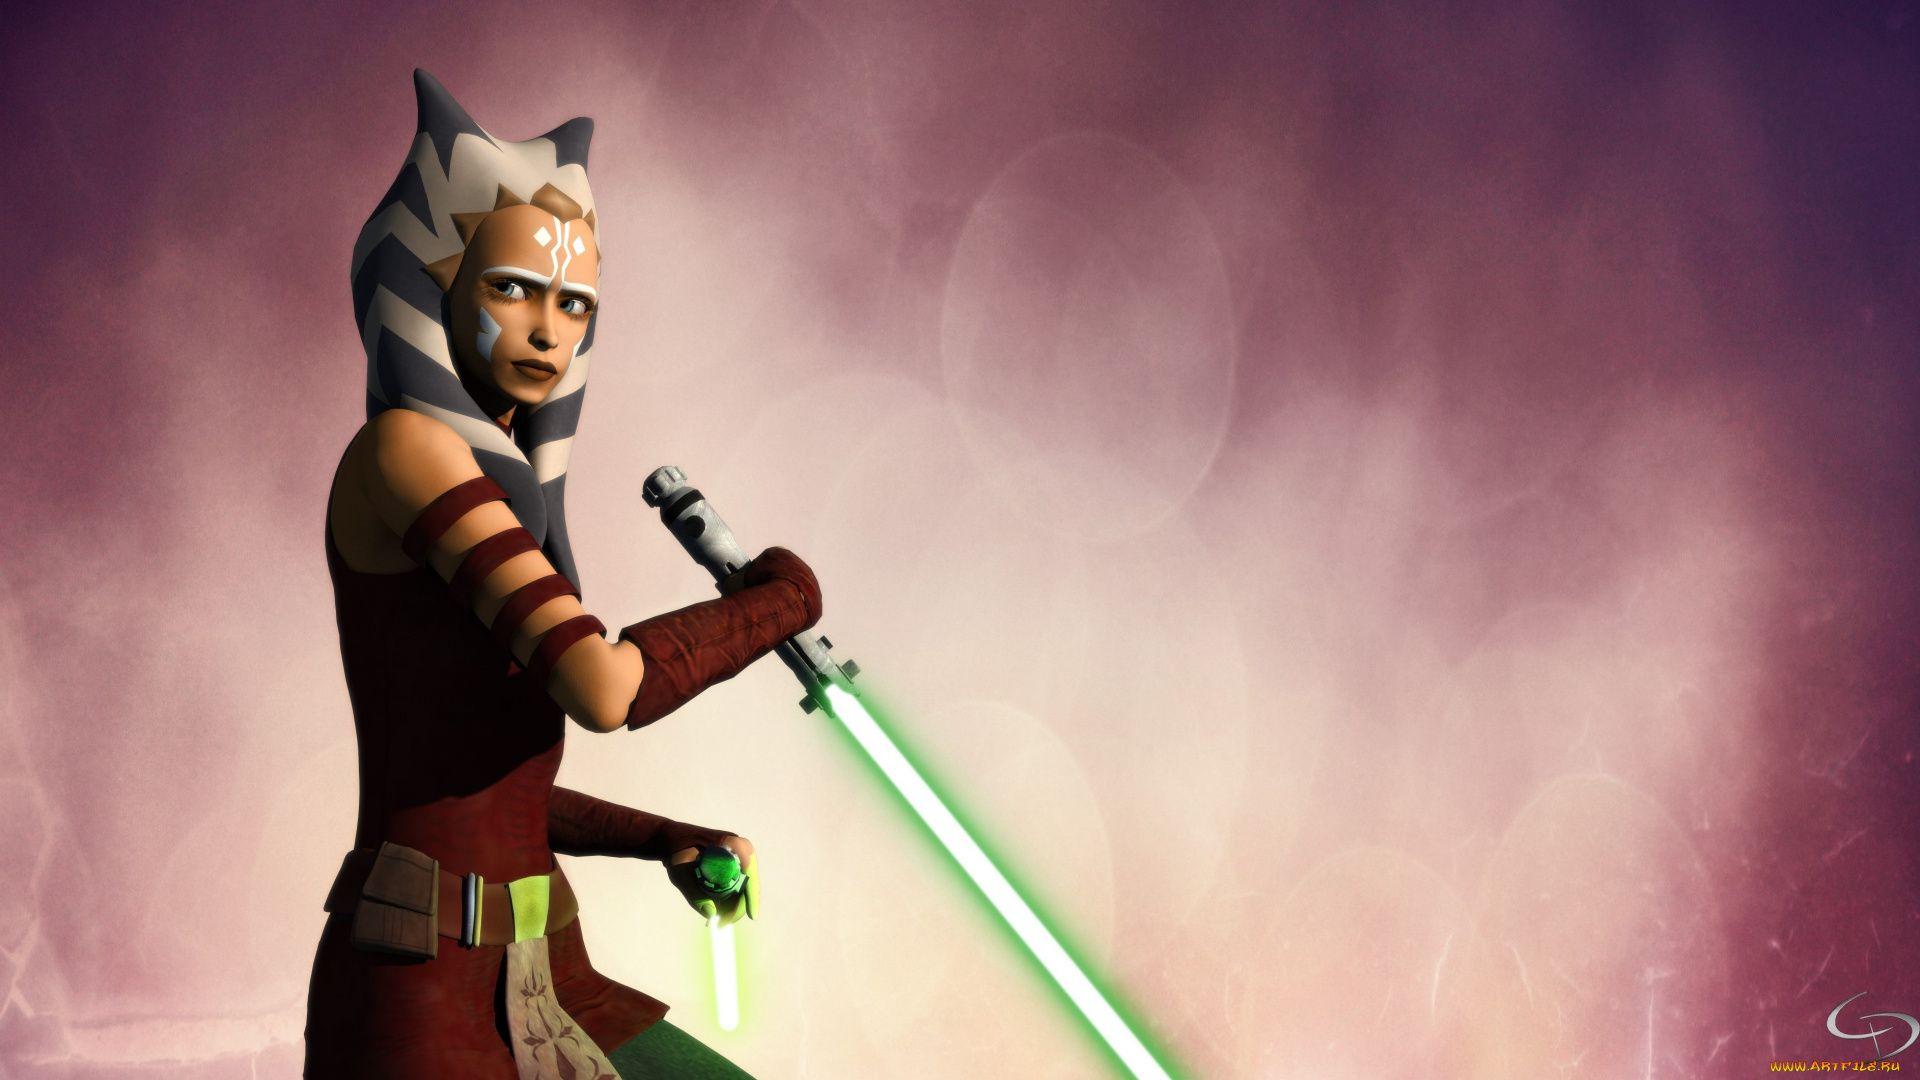 Jedi Ahsoka